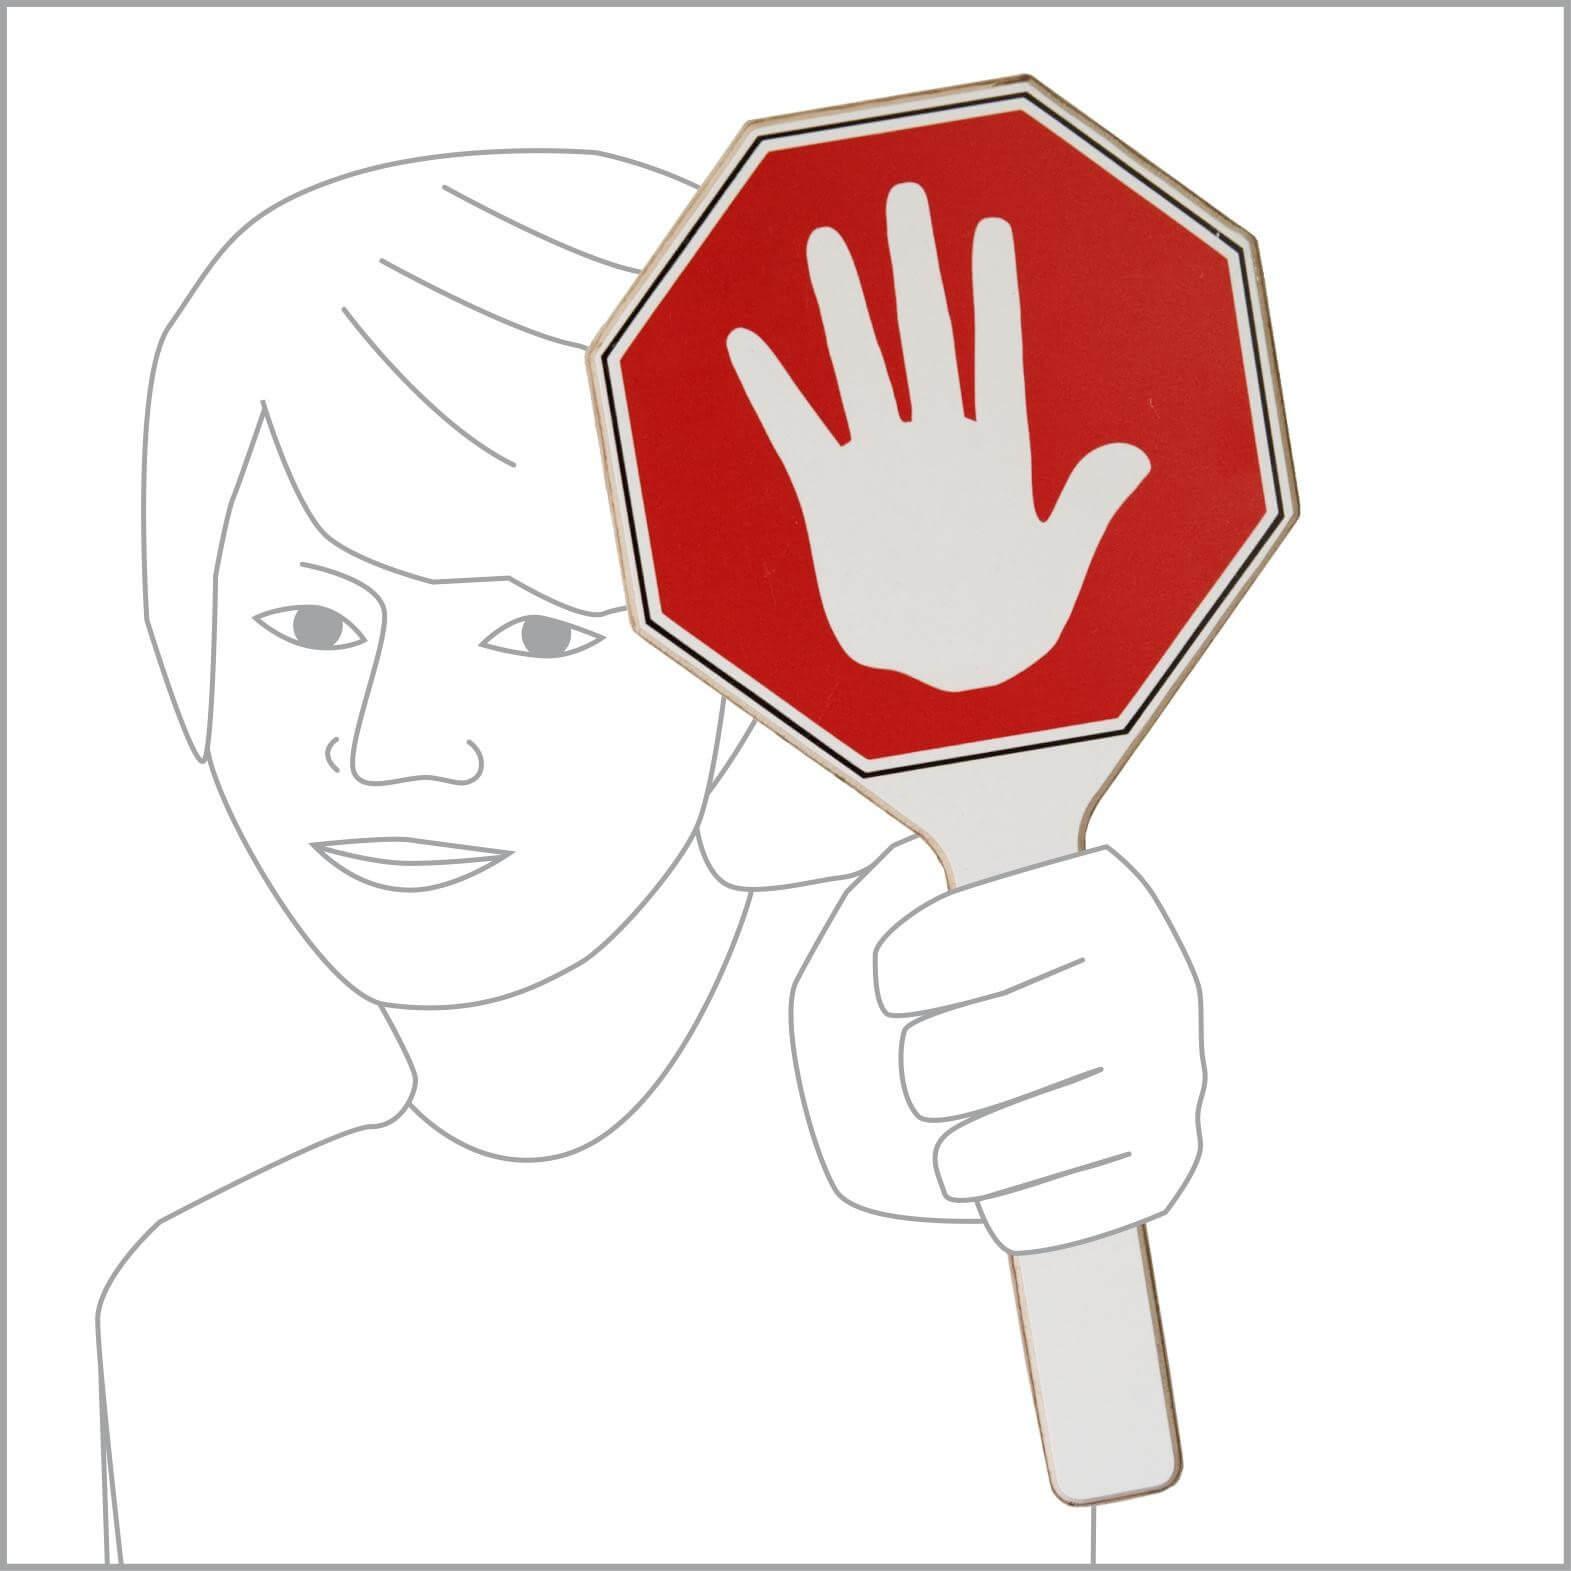 Stopp-Schild mit Hand